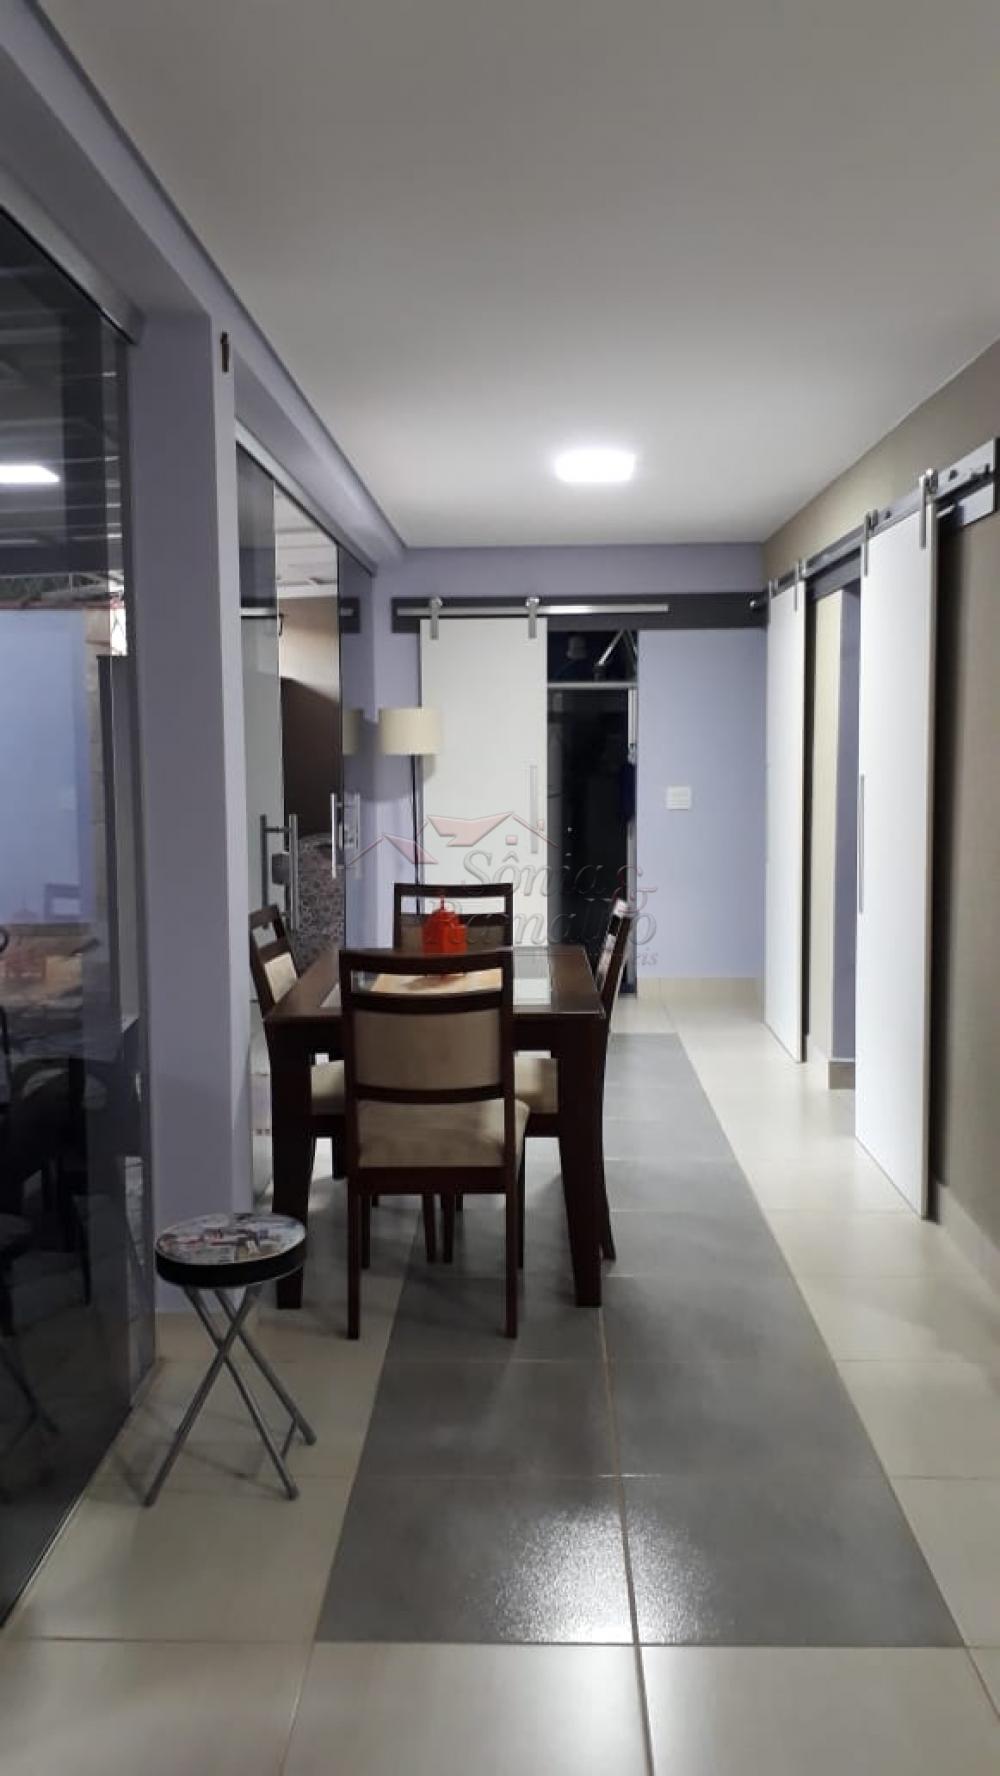 Comprar Casas / Padrão em Ribeirão Preto apenas R$ 404.000,00 - Foto 13